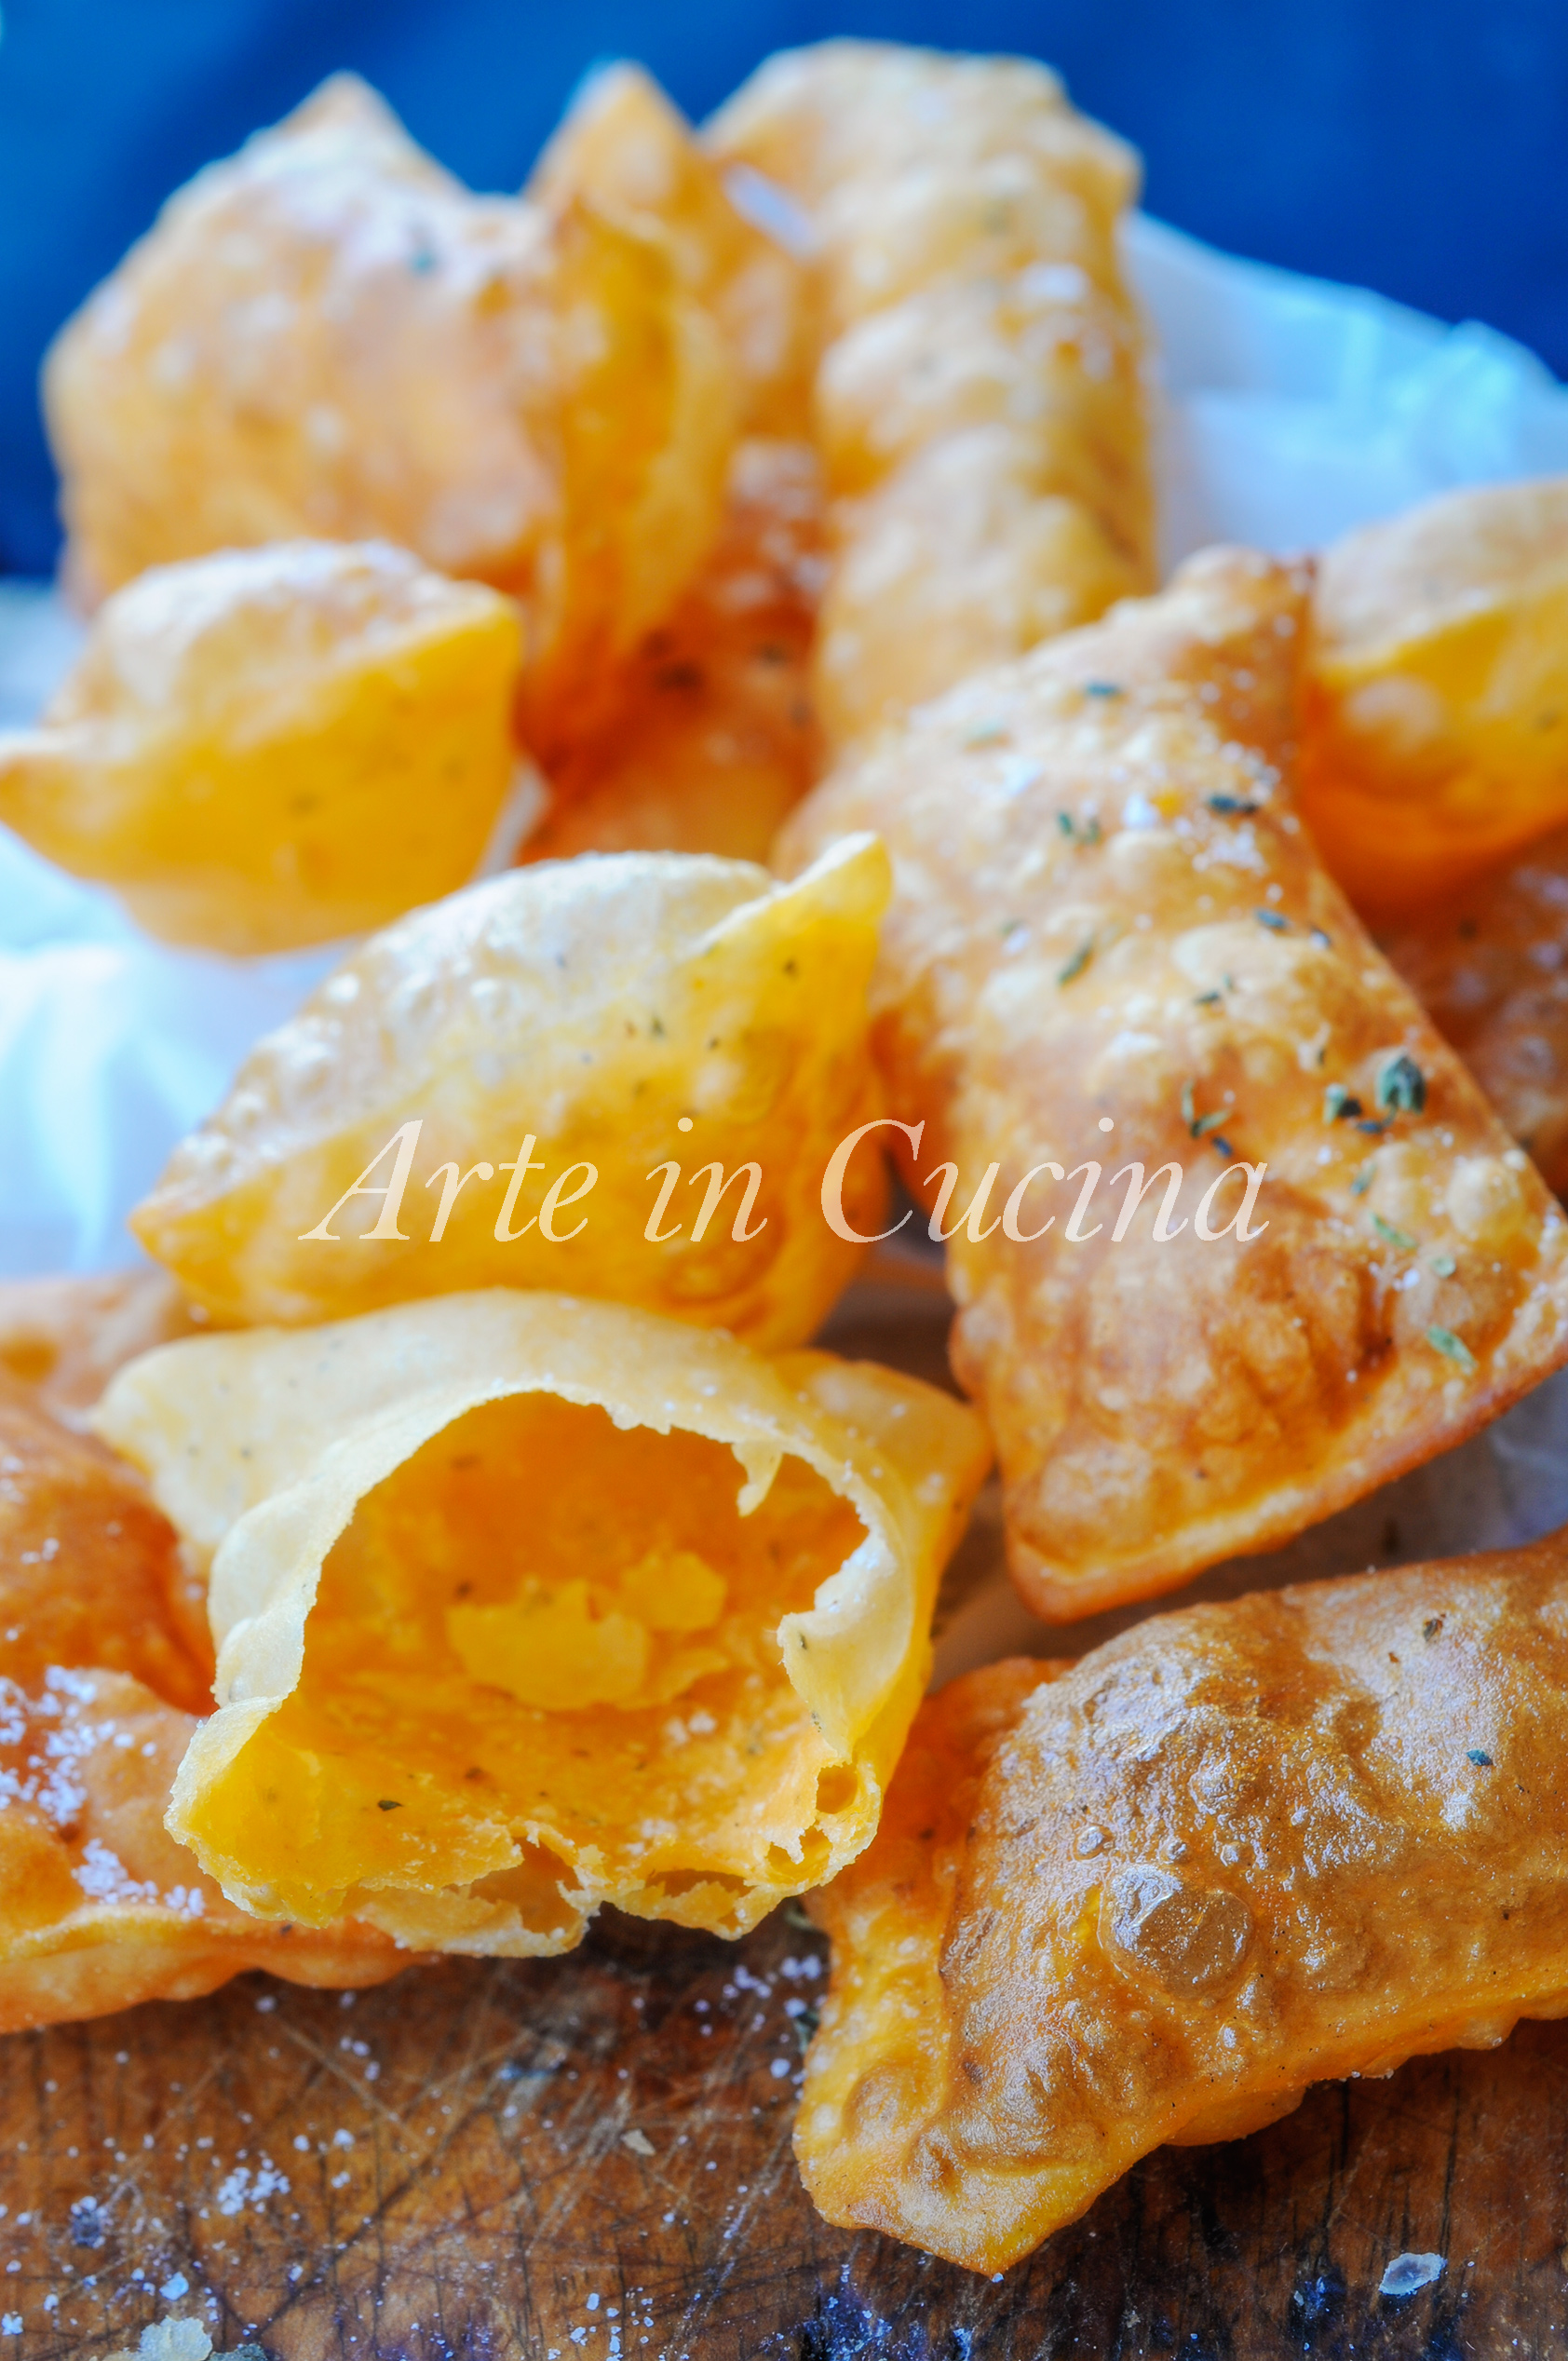 Gnocco fritto salato gusto pizza all 39 origano veloce arte - Gnocco in cucina ...